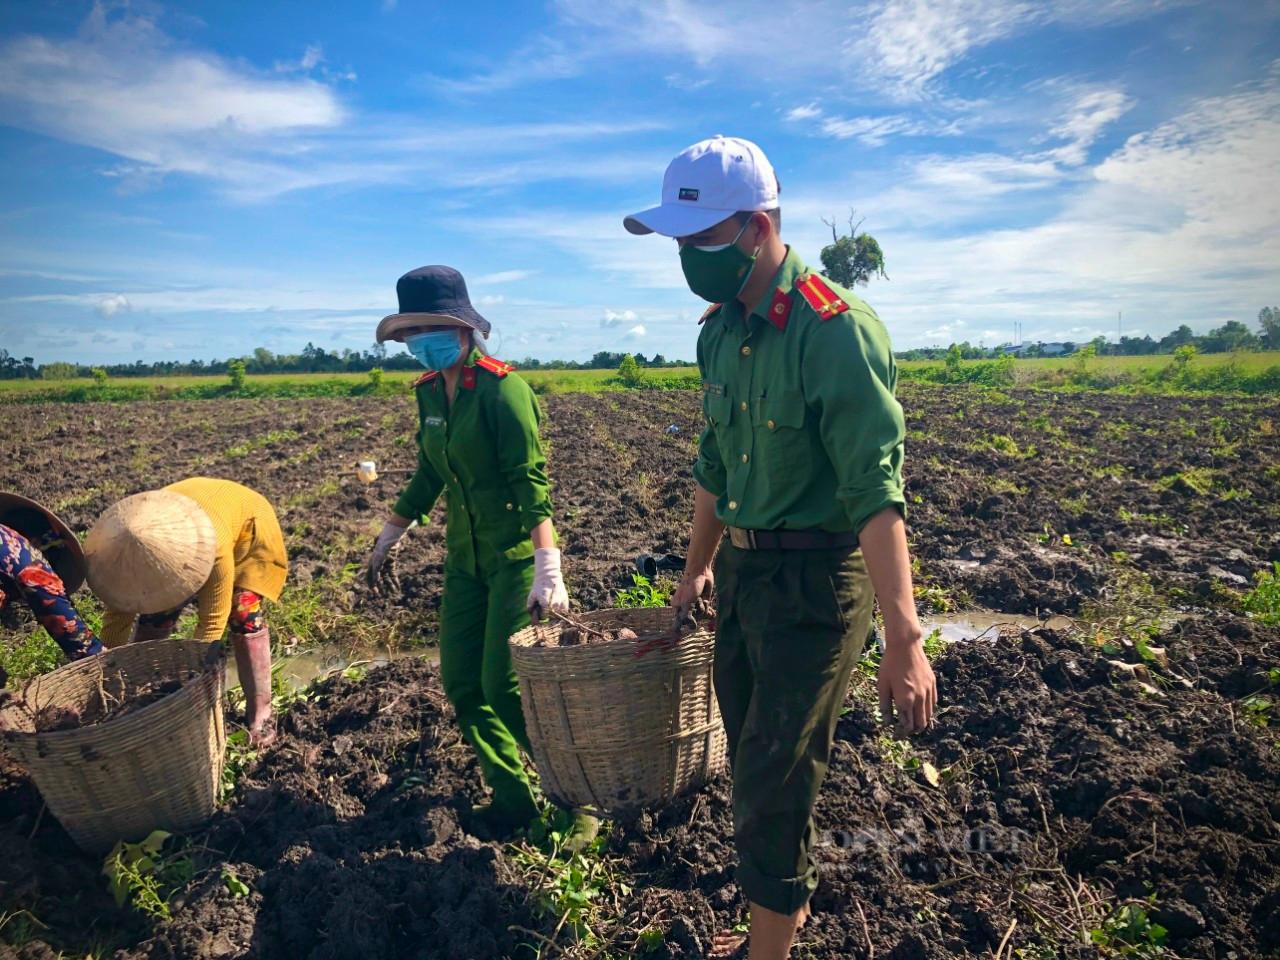 Công an huyện Giồng Riềng giúp nông dân tiêu thụ gần 180 tấn khoai lang - Ảnh 4.